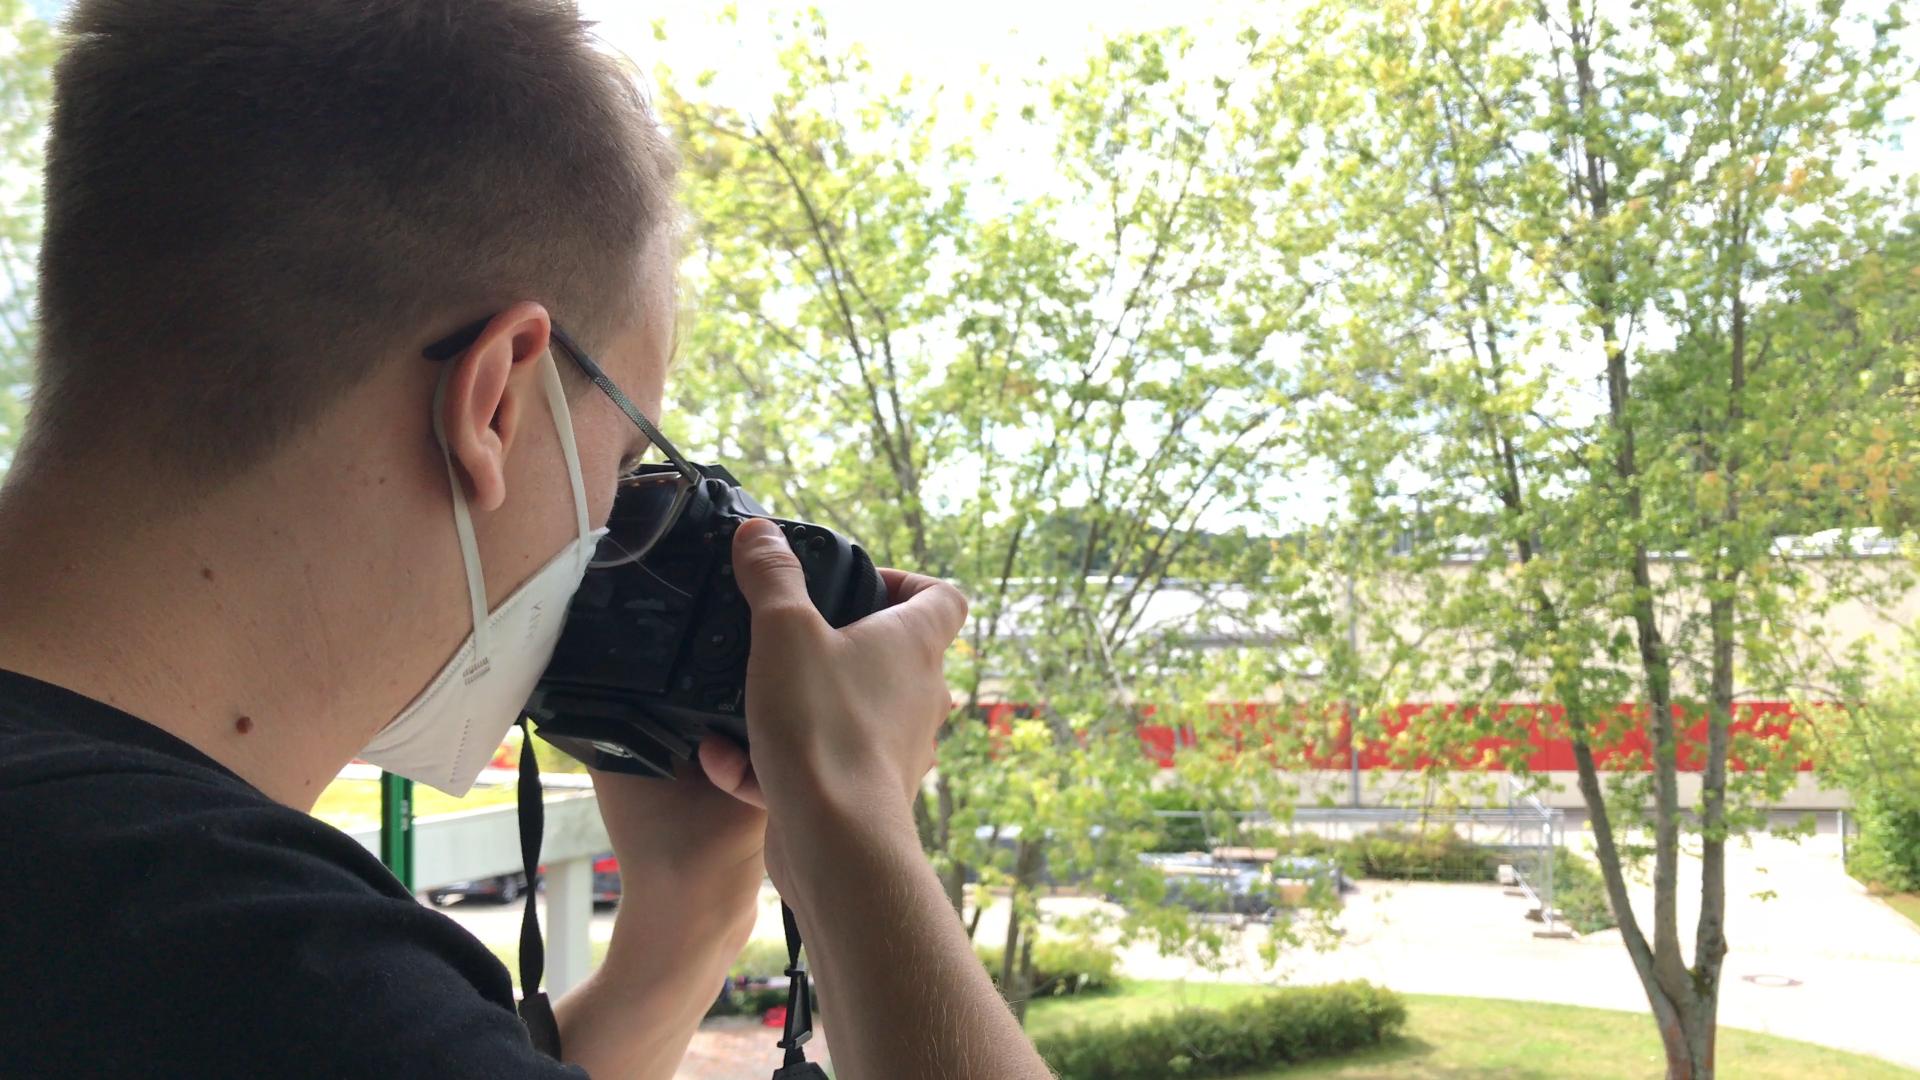 Buchstäblich ein gutes Bild machte IT-Azubi Max Dienstl als Fotograf. Szene: Hier knipst er Teilnehmer*innen des Berufsbildungsbereichs, die im September 2020 ihre 24-monatige Ausbildung begonnen haben.